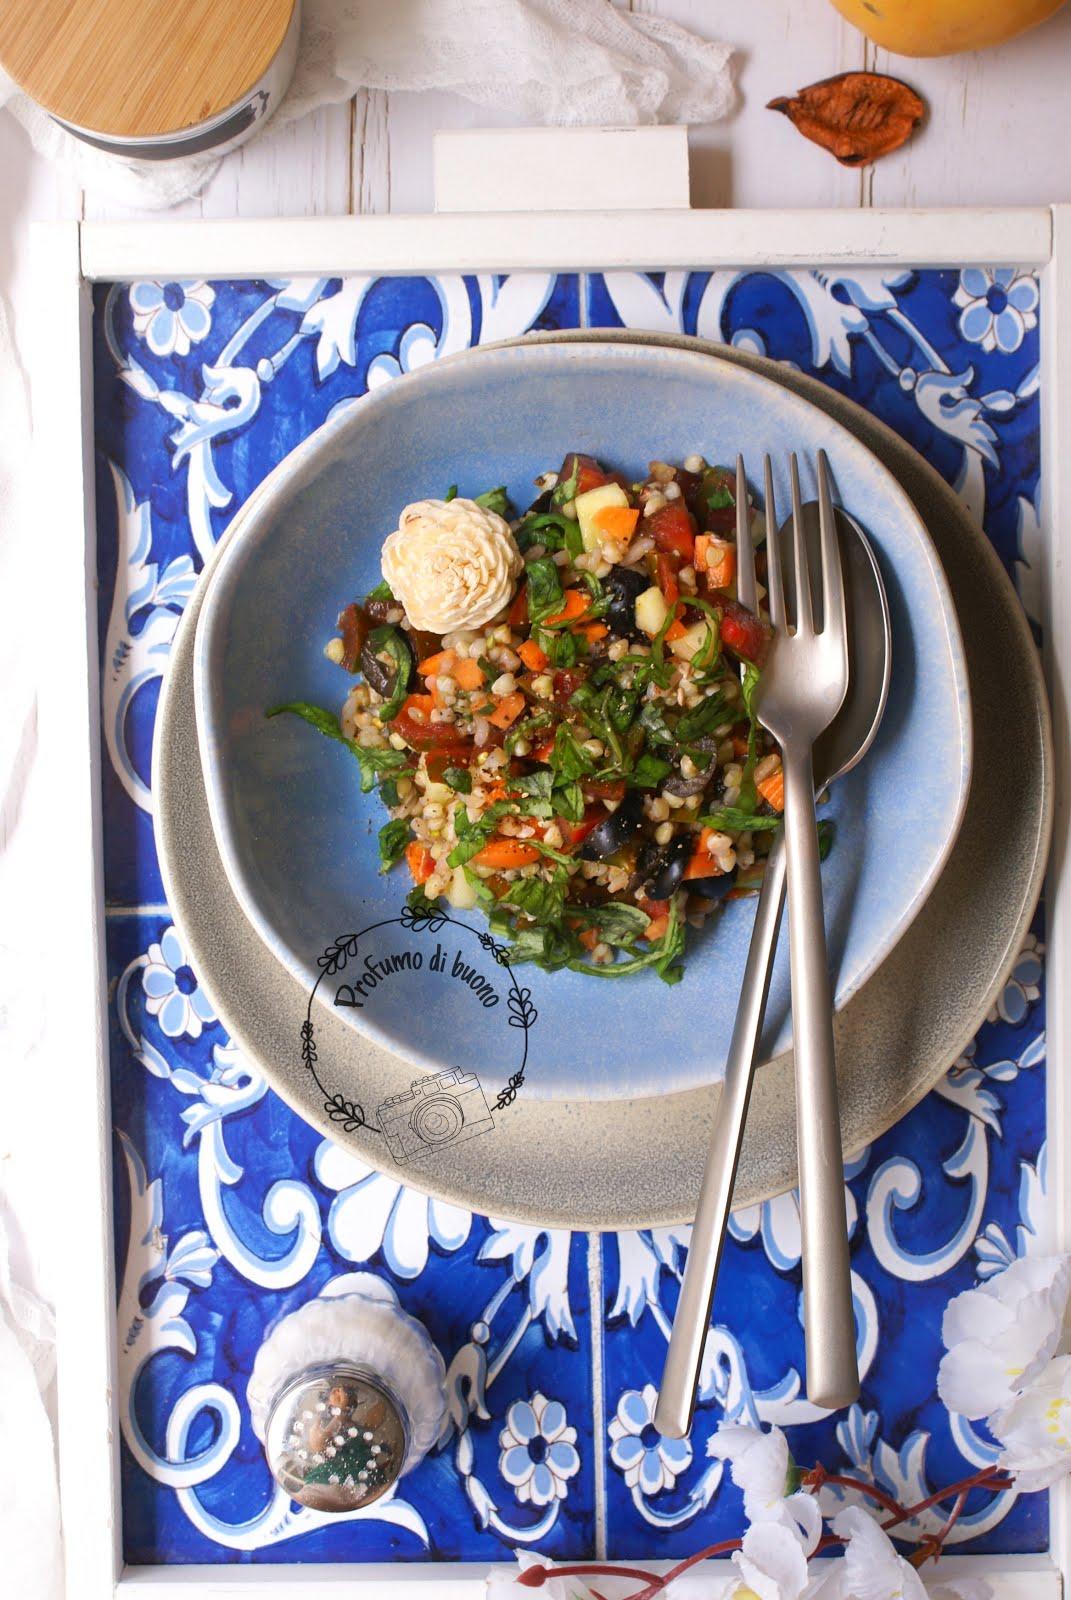 Insalata di grano saraceno al basilico con carote, pomodorini e pepe nero